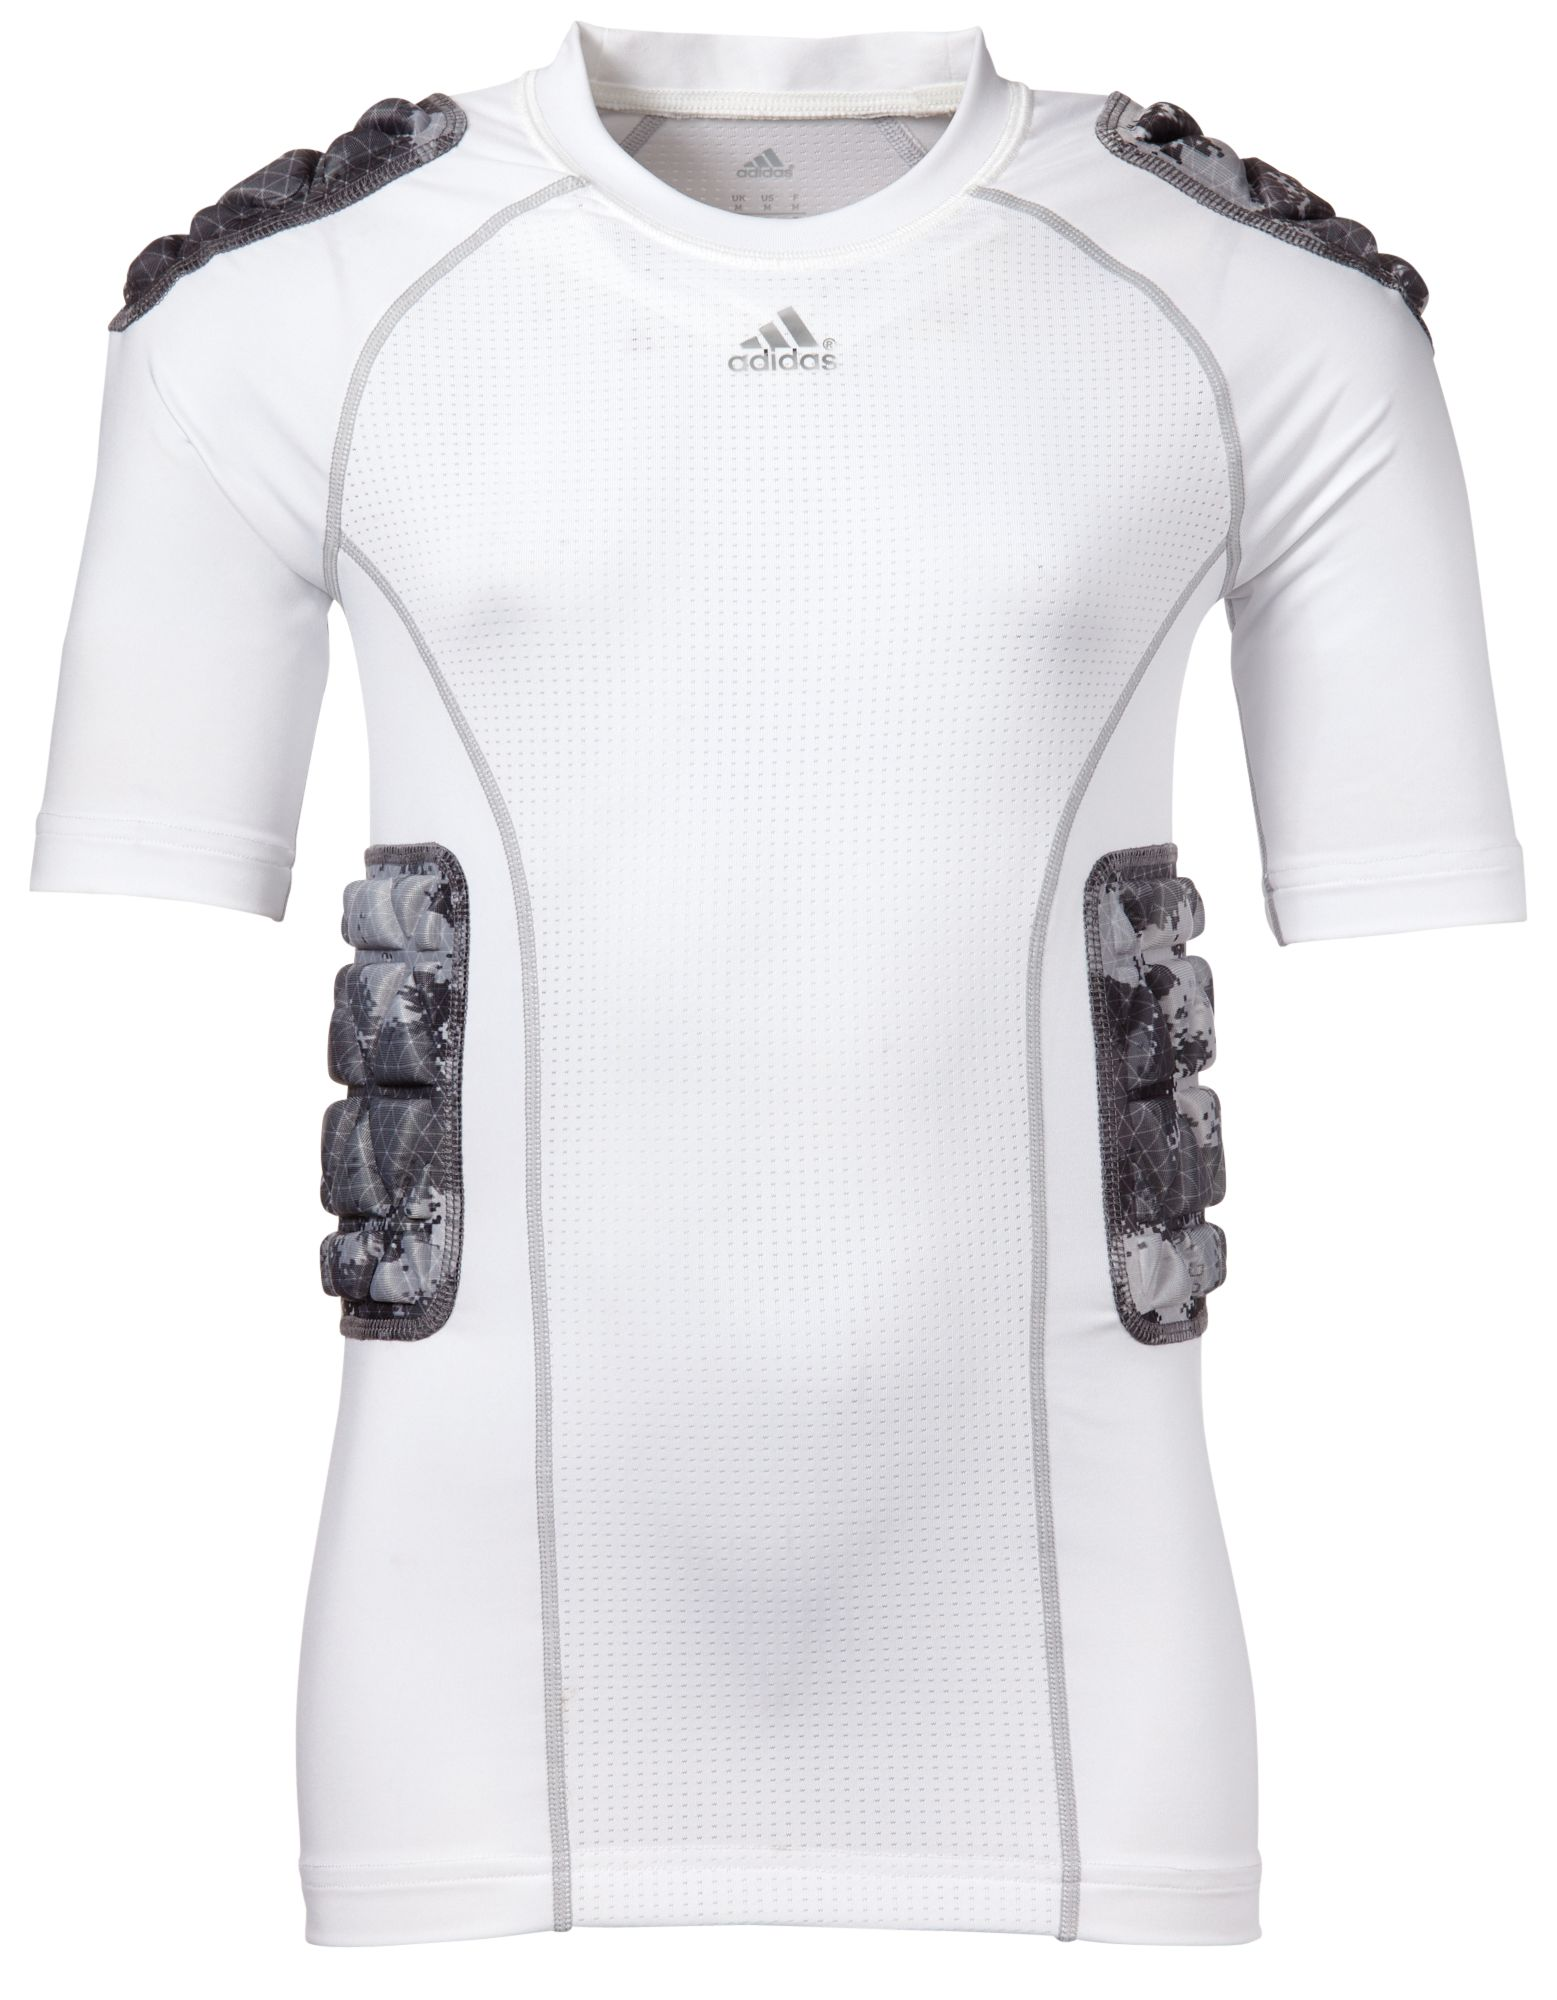 adidas Youth Padded techfit Camo Football Shirt, Kids, Large, White